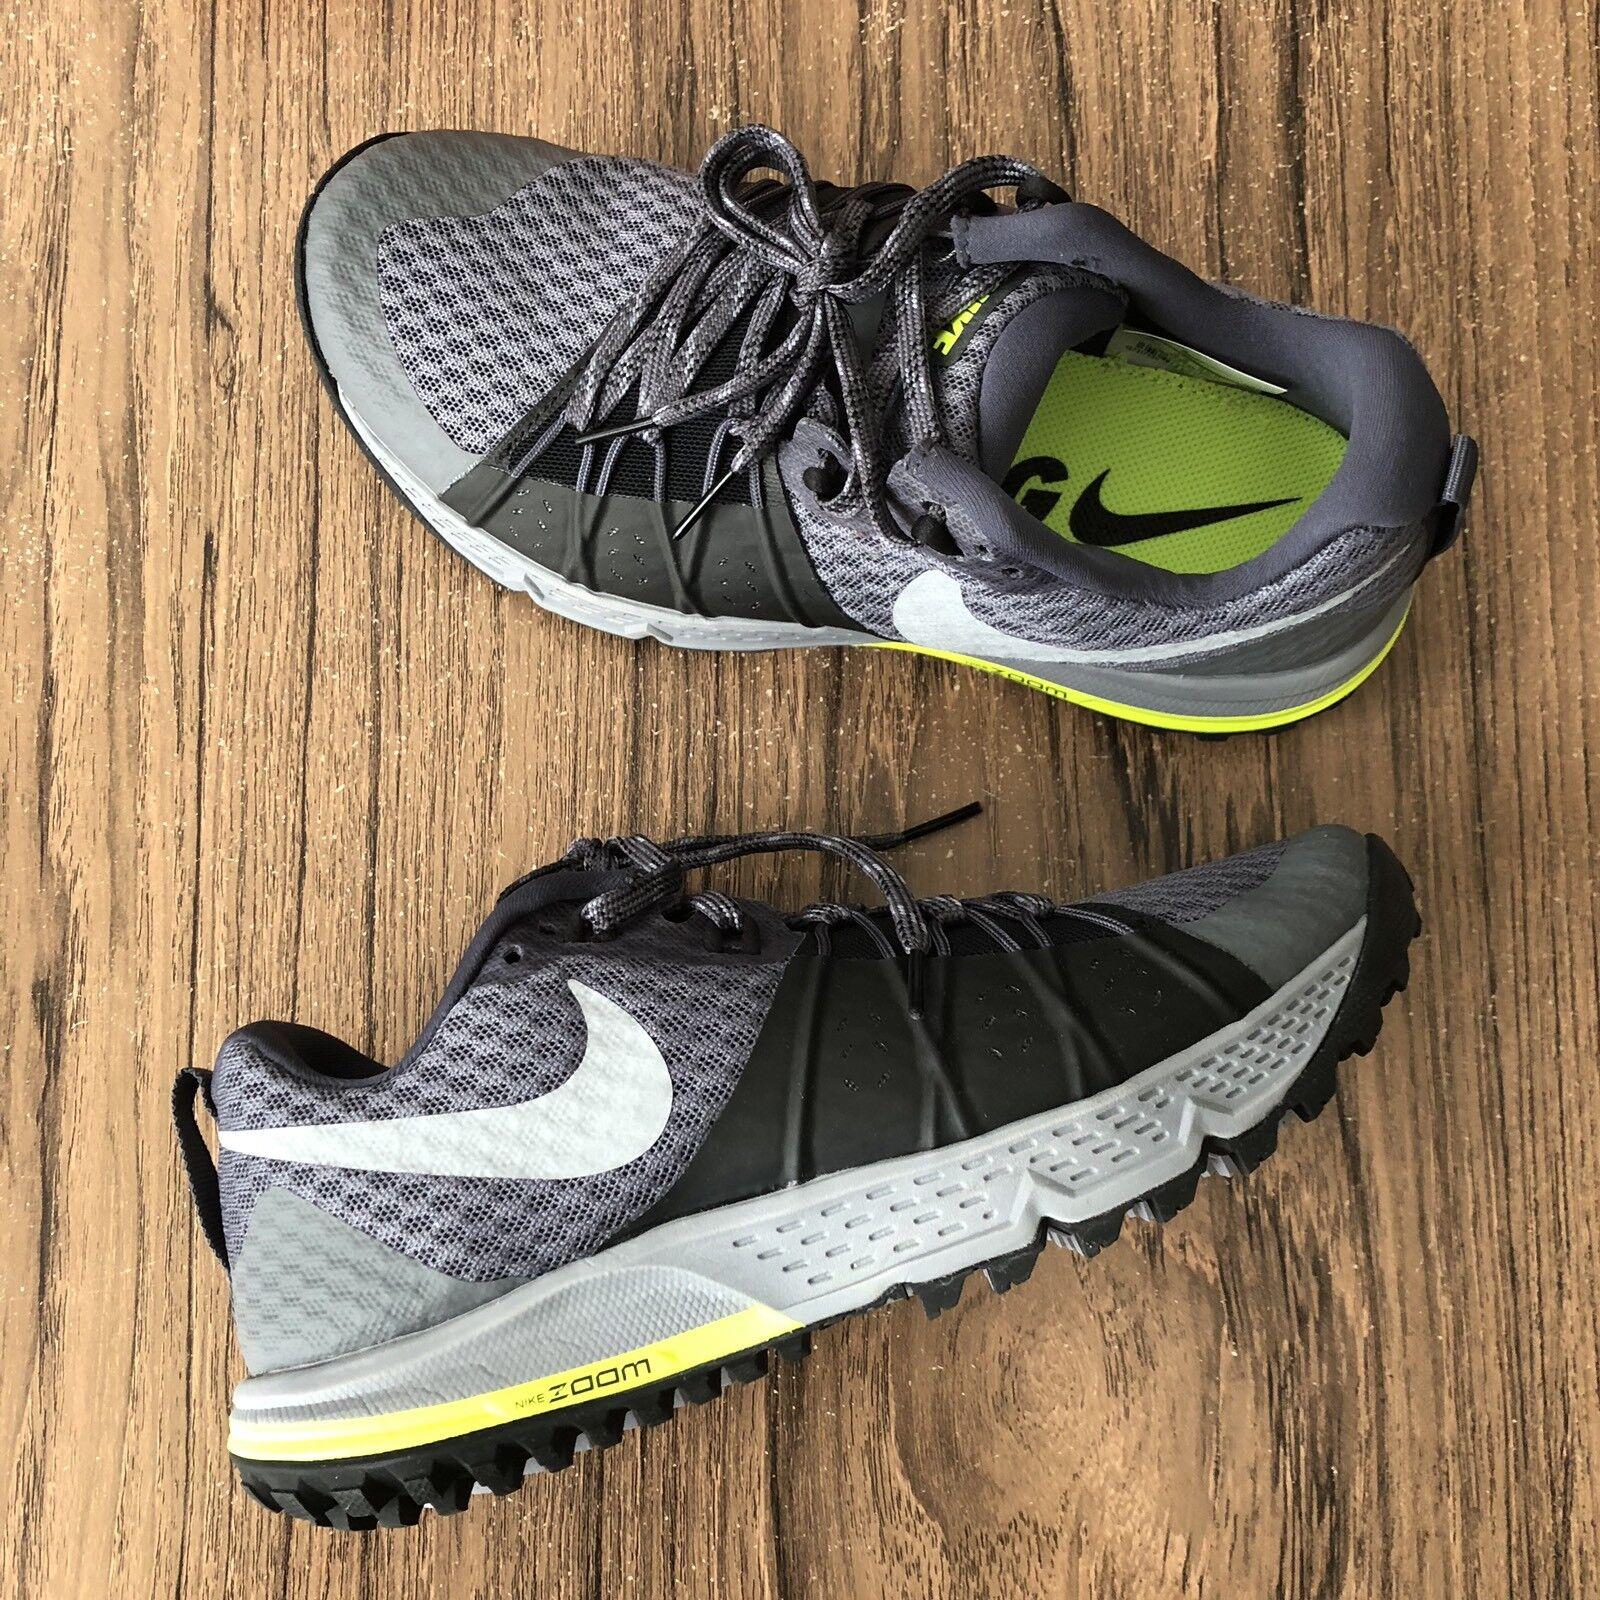 A859G Nike Air Air Air Zoom Wildhorse 4 880565-001 Trail shoes Mens Size 6 (Womens 7.5) efbe48